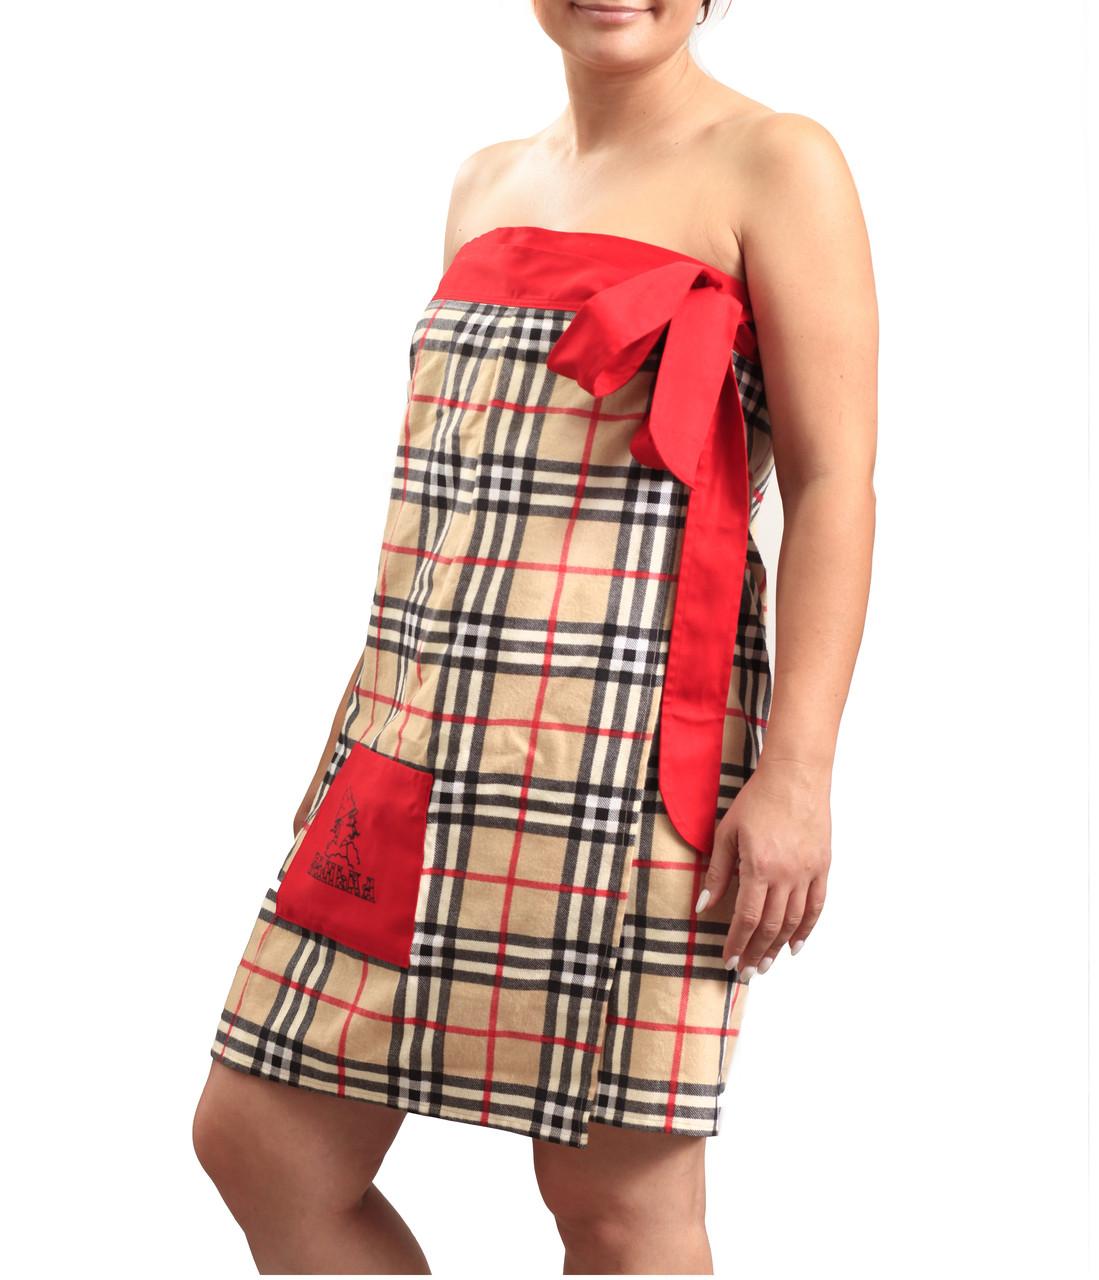 Женское парео с карманом для бани , сауны., фото 1